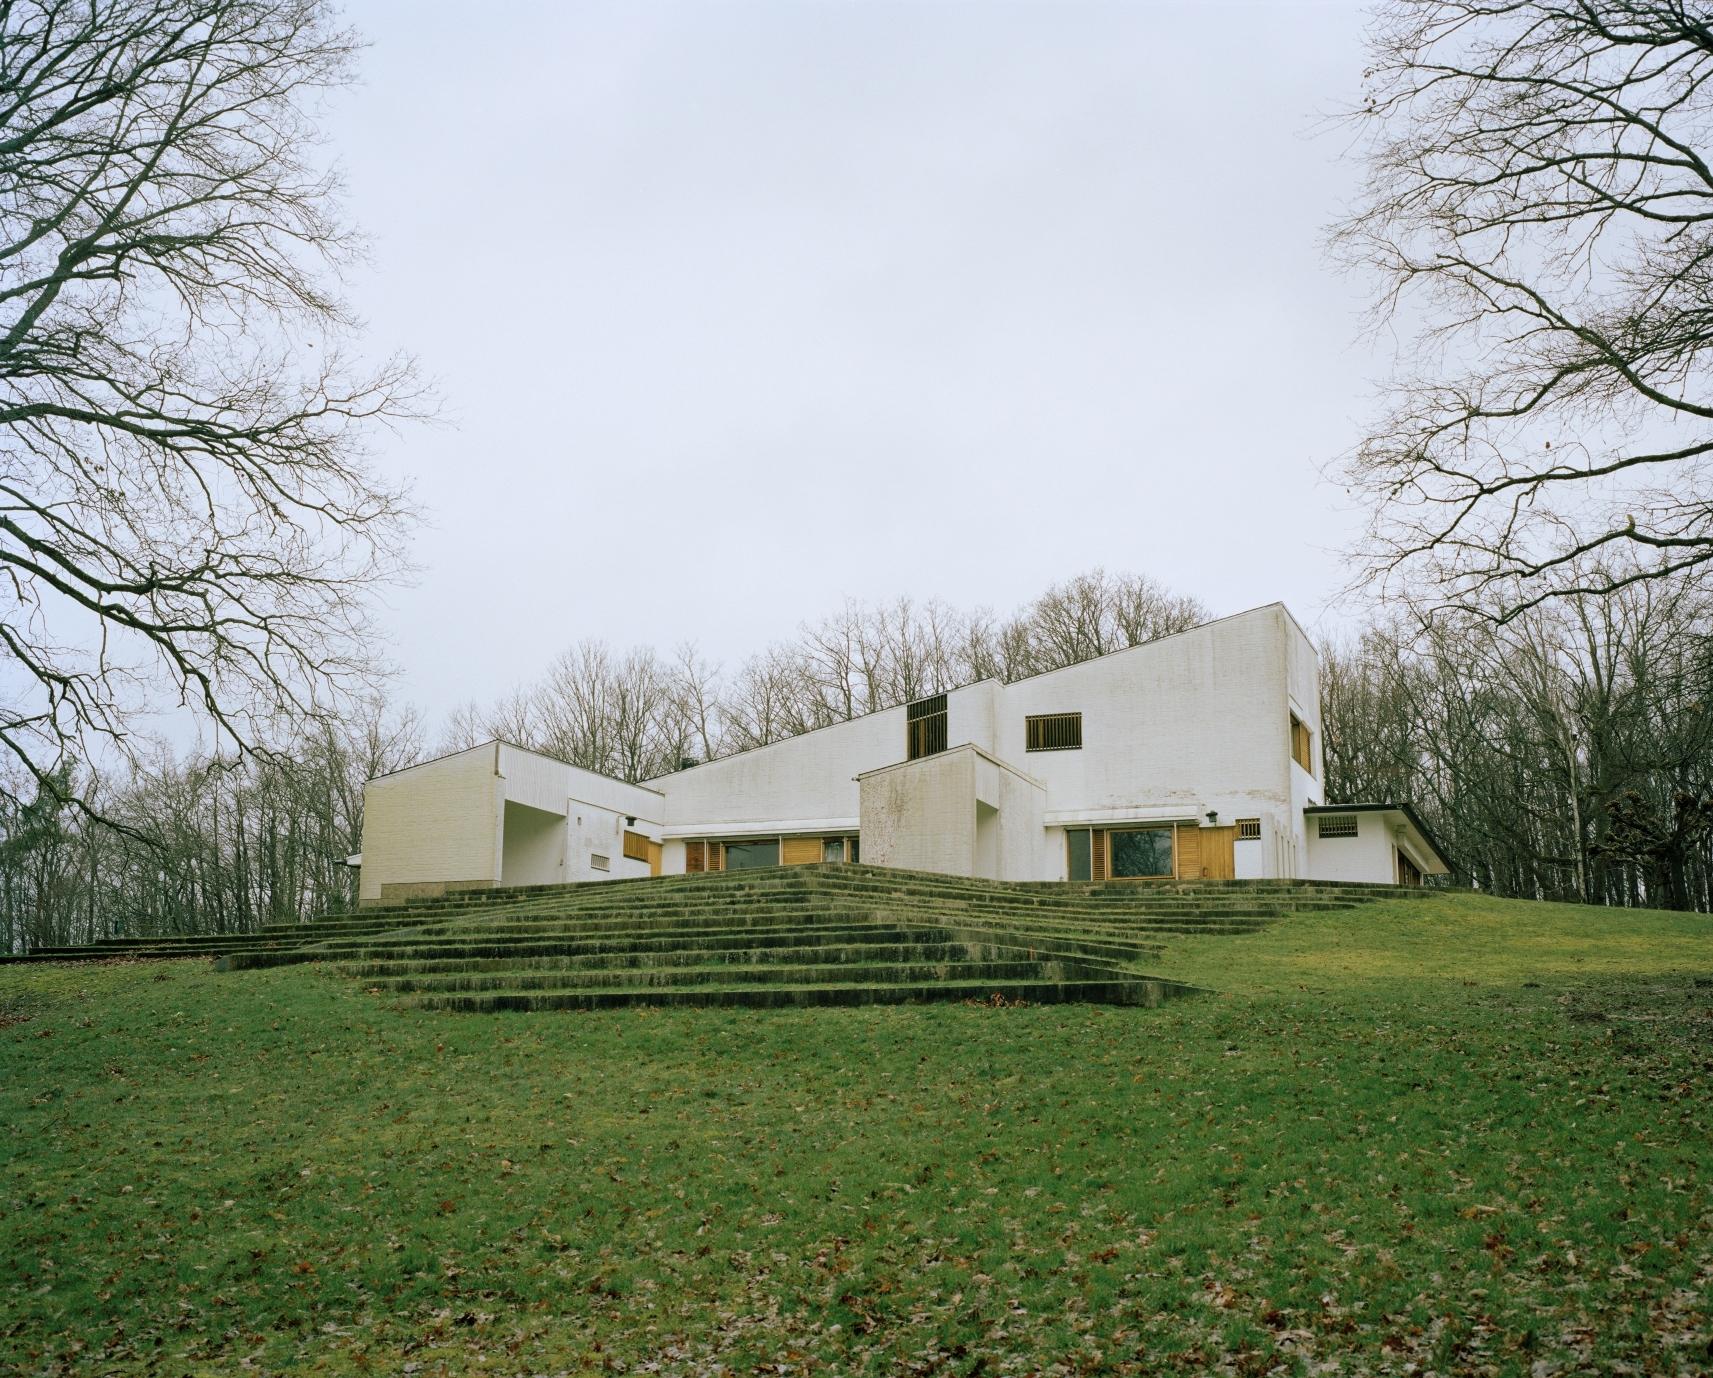 アルミン・リンケ撮影、ルイ・カレ邸/Alvar Aalto, 1956-59/61-63 (C)Armin Linke, 2014